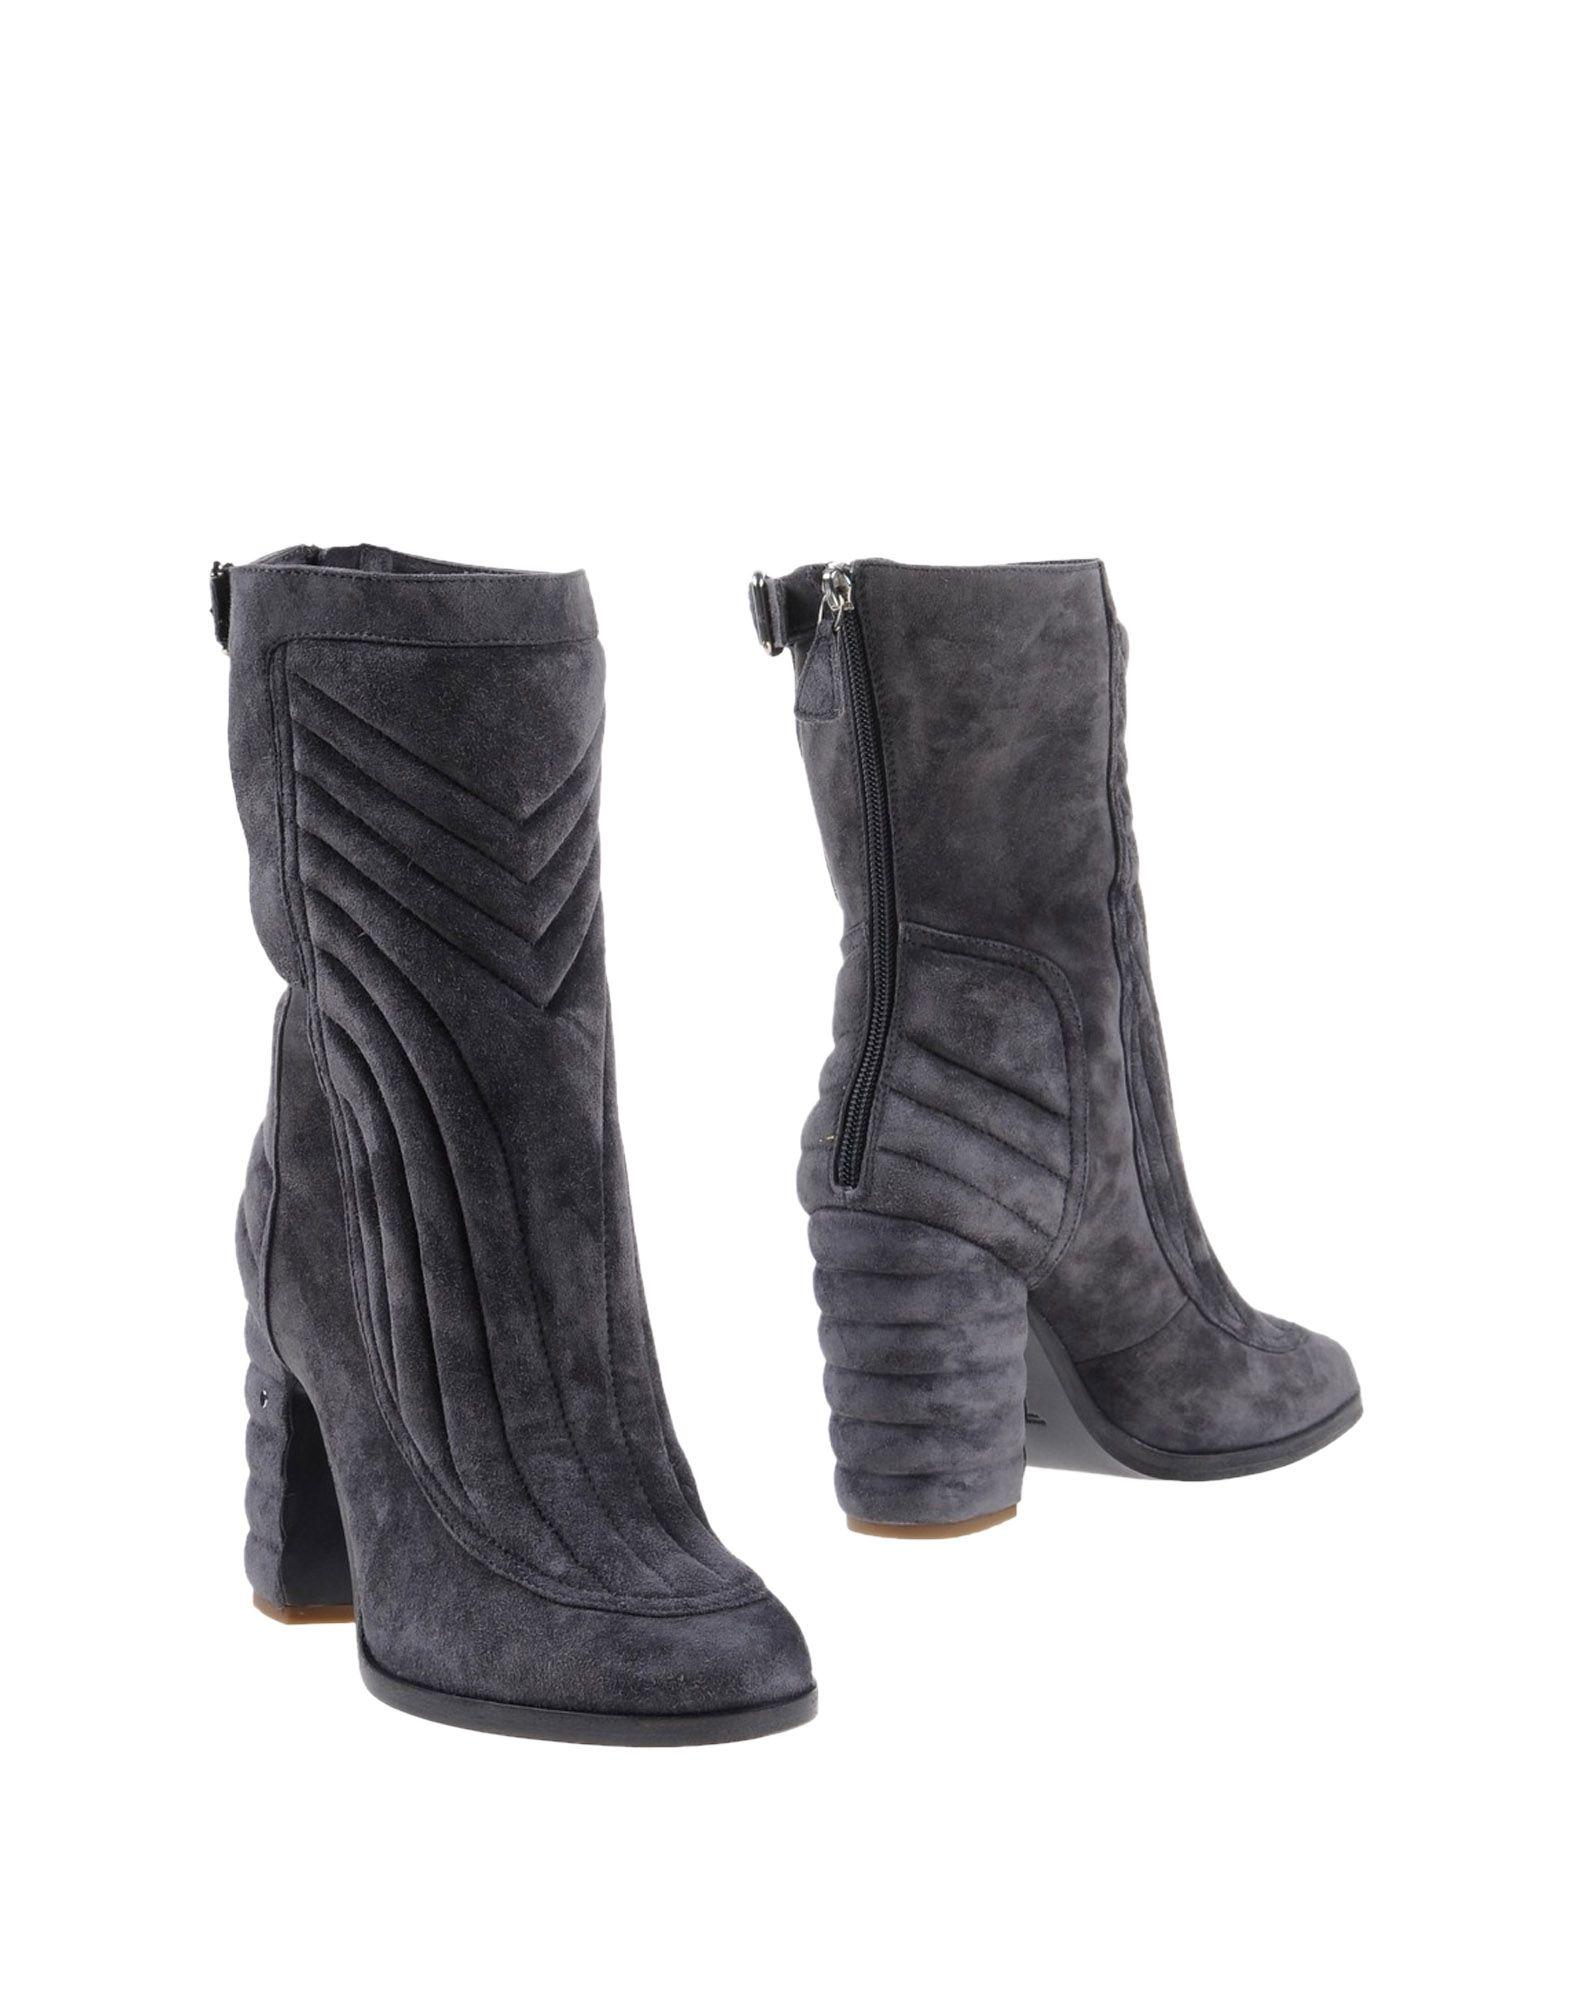 Laurence Dacade Stiefelette Damen Schuhe  11003482TKGünstige gut aussehende Schuhe Damen abc23f